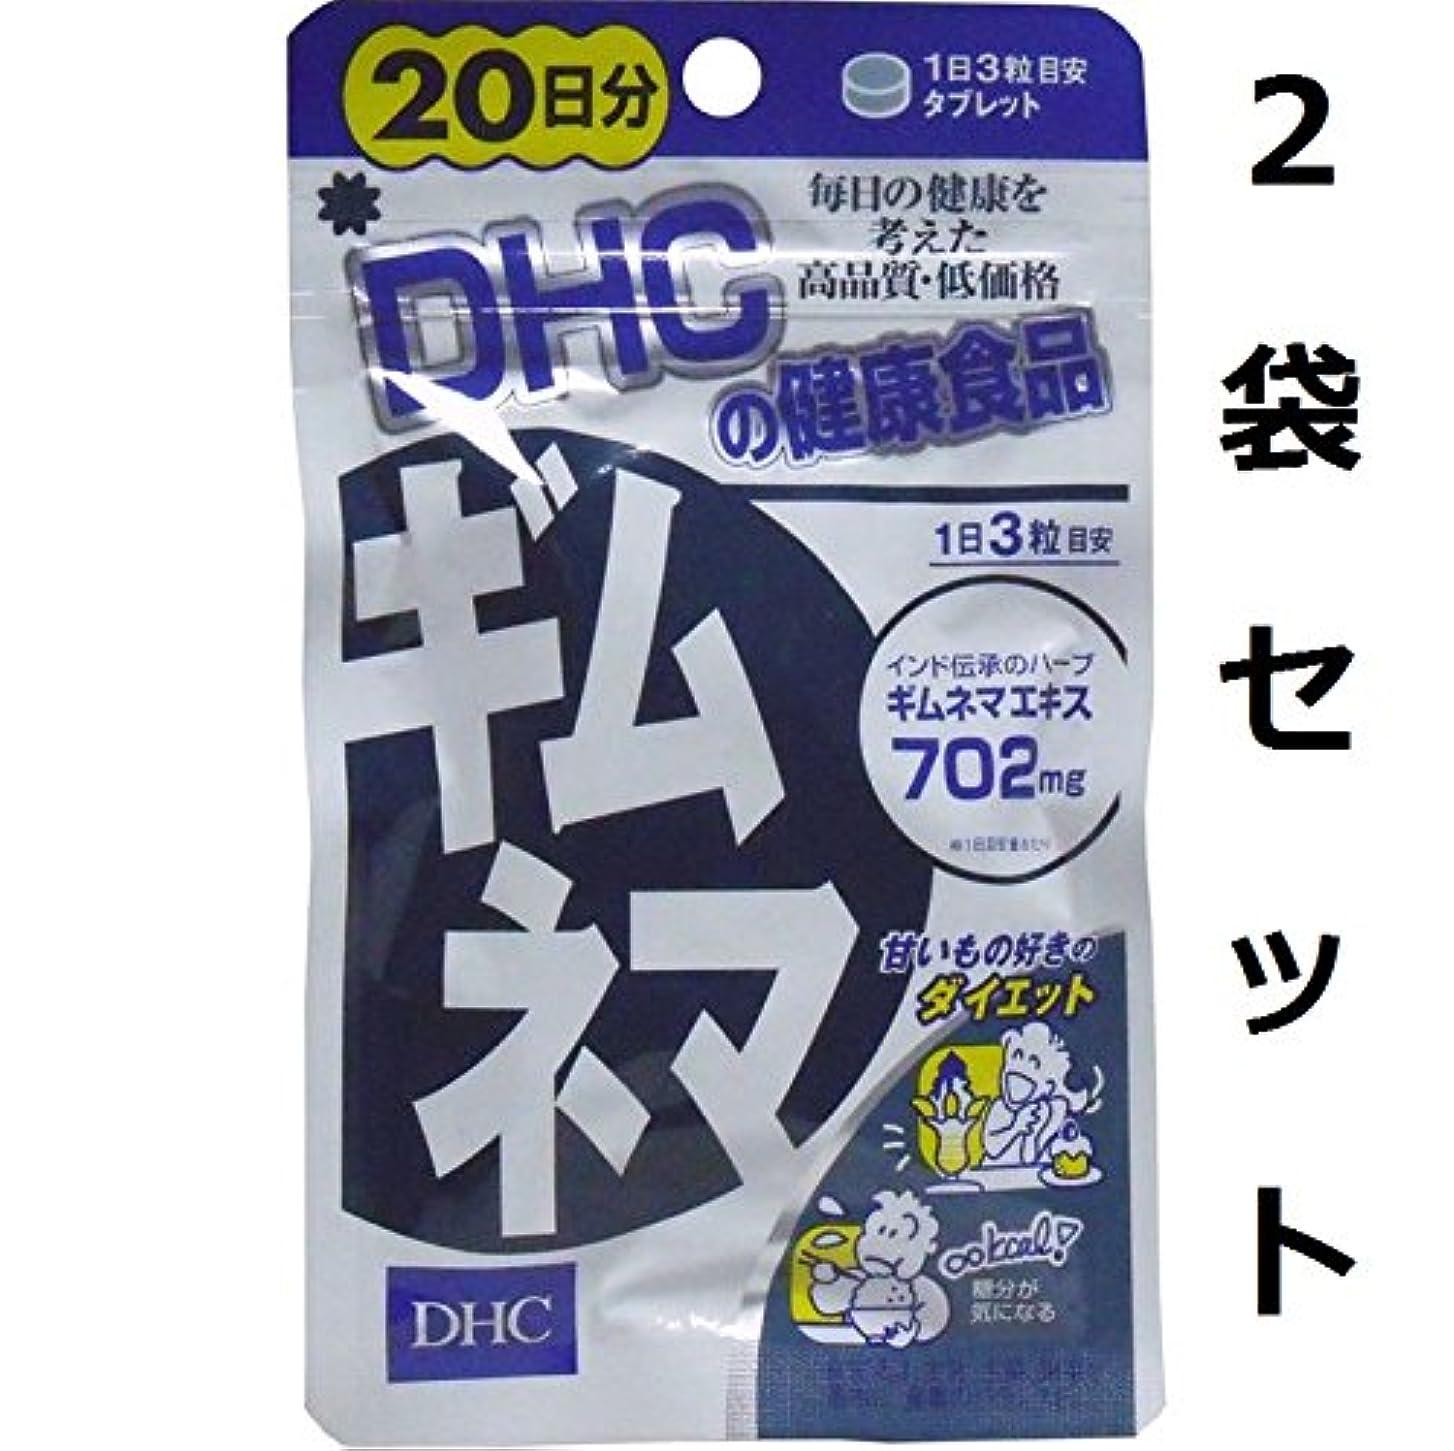 不平を言う項目スキーム我慢せずに余分な糖分をブロック DHC ギムネマ 20日分 60粒 2袋セット